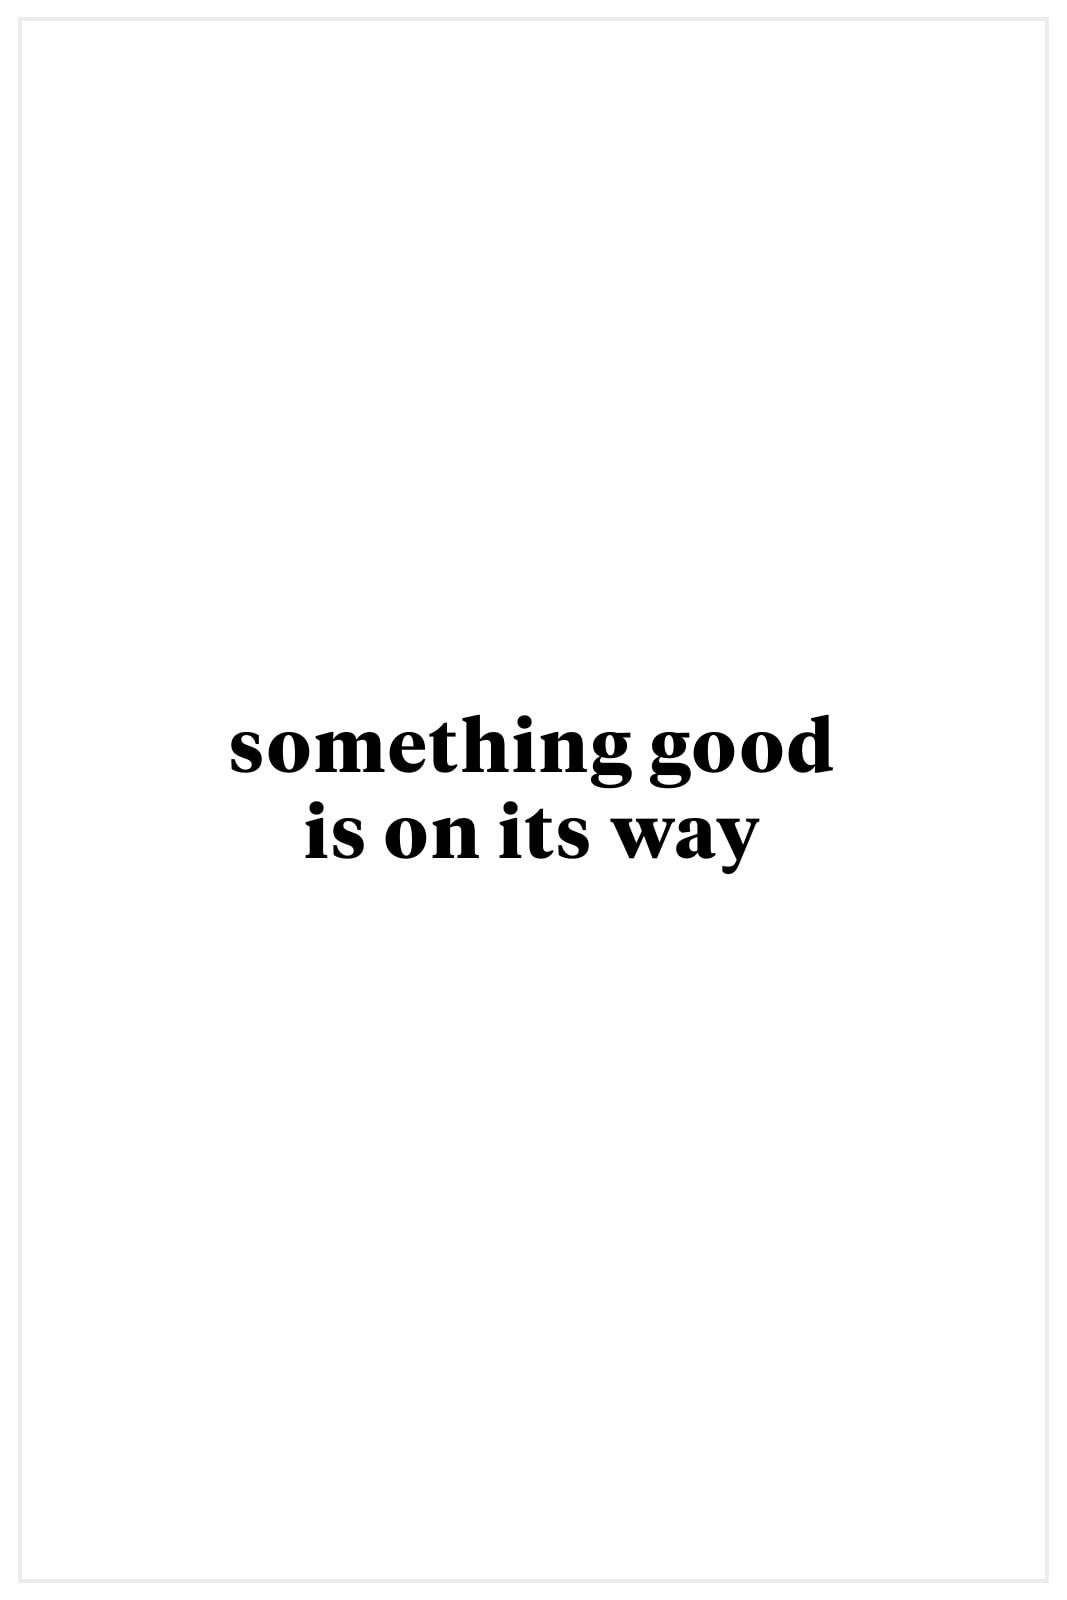 Sorel Slimpack III Hiker